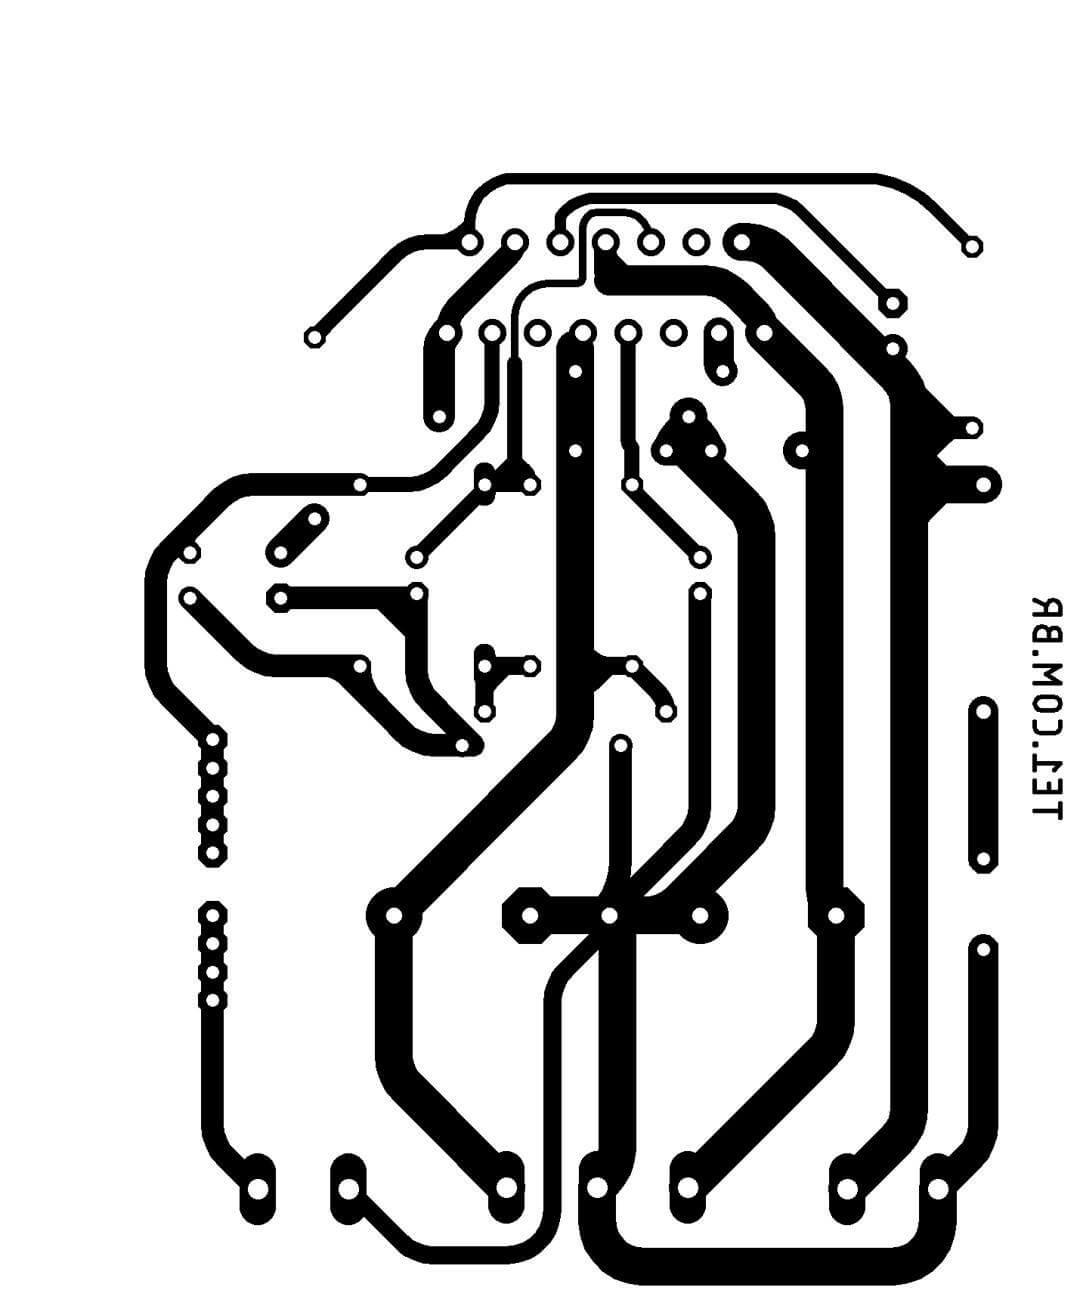 Sugestão de placa de circuito impresso para montagem do circuito, em tamanho real da montagem